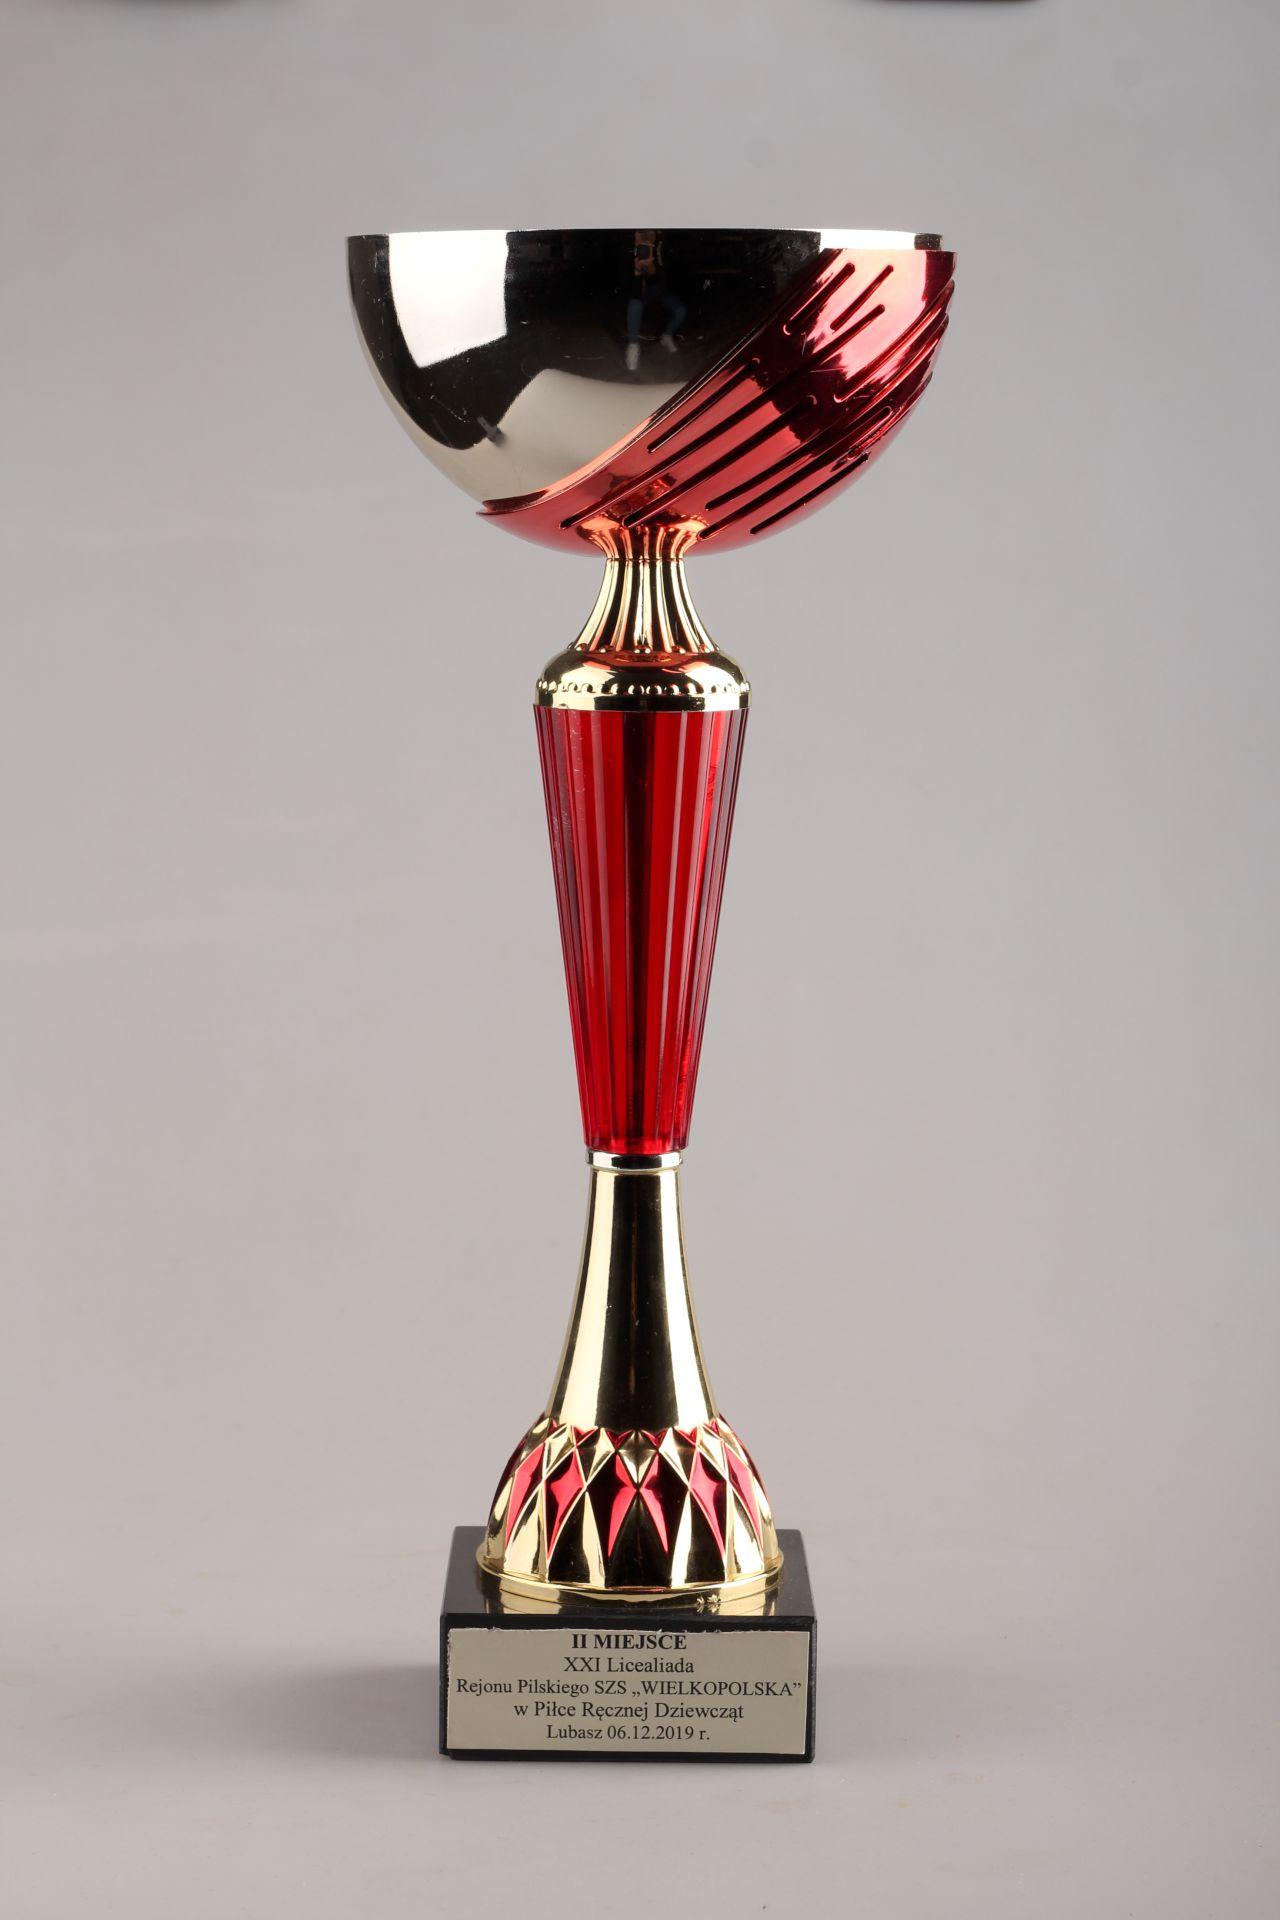 Puchar Piłka Ręczna Dziewczęta 2019